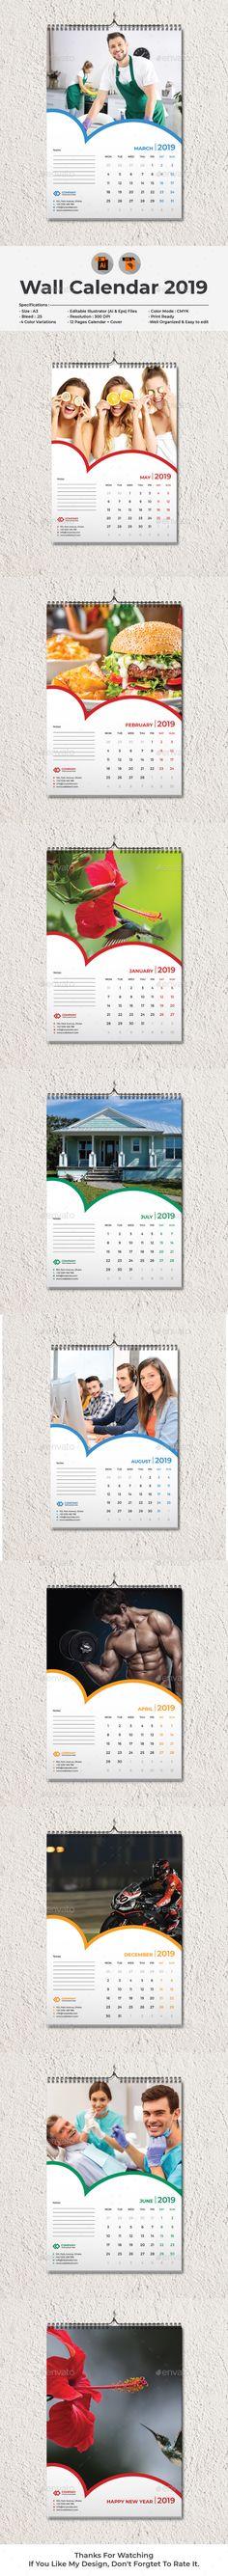 7 best Calendar 2019, Wall Calendar, Desk Calendar images on